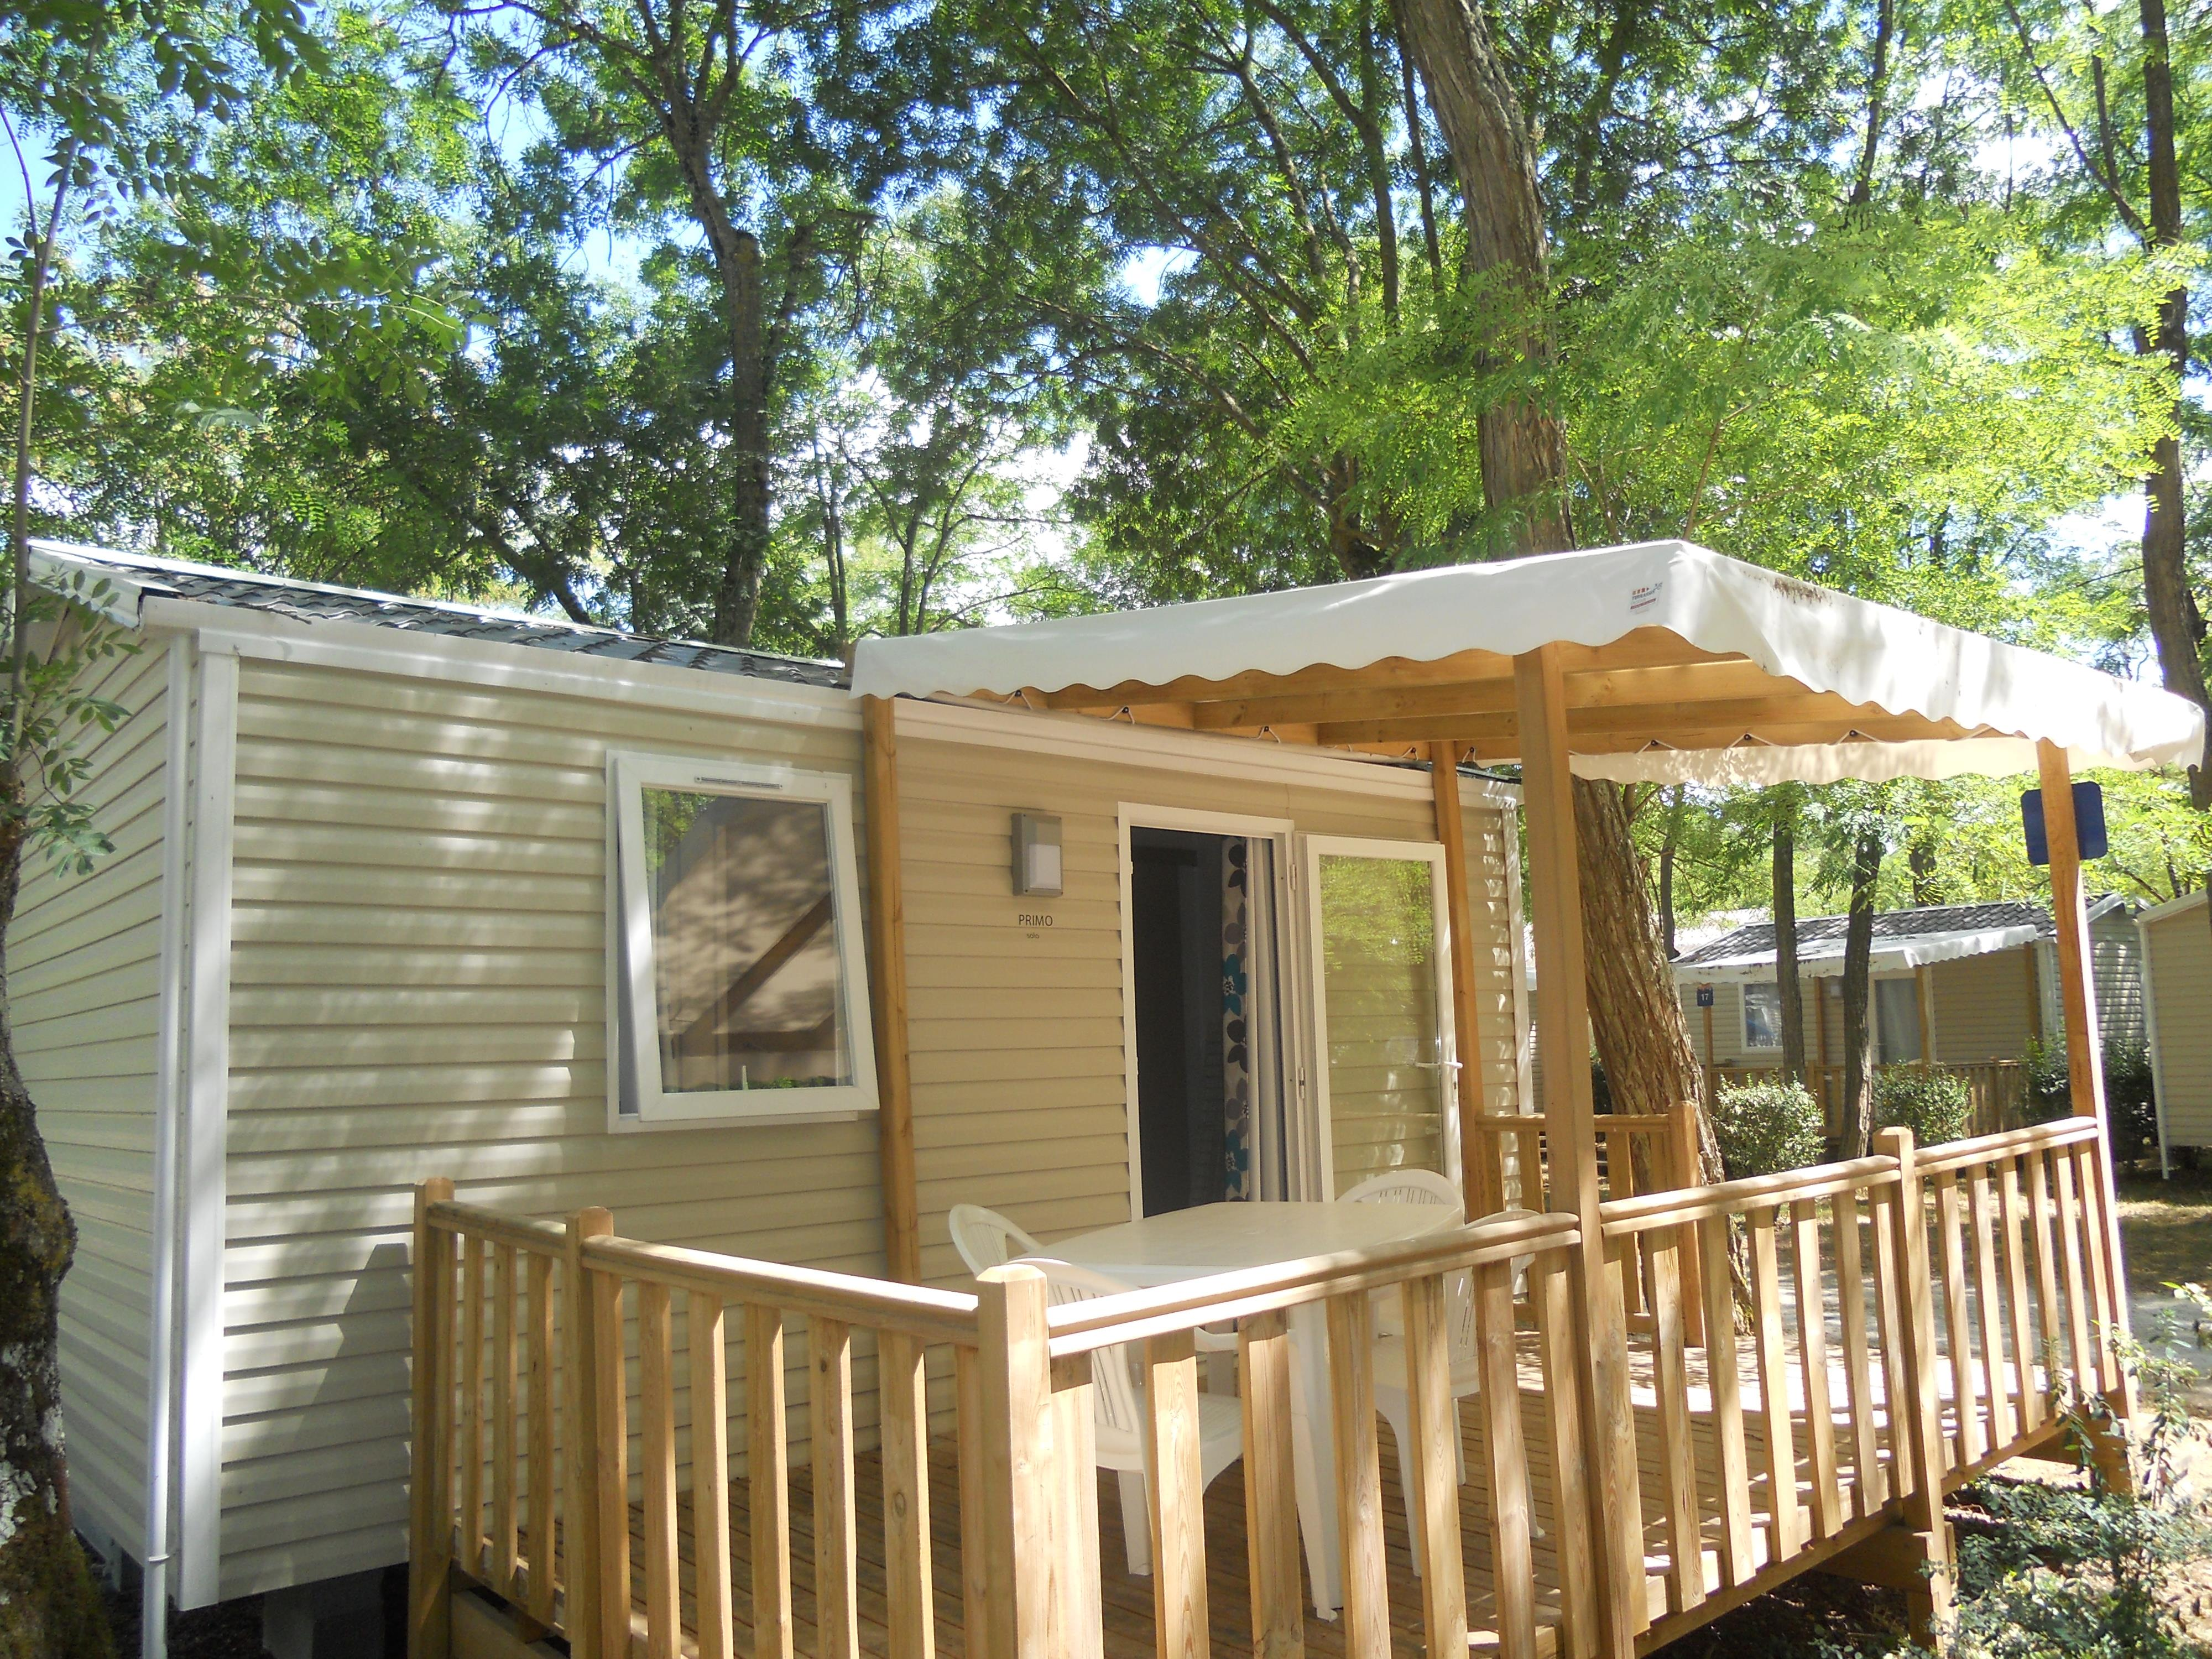 Location - Mobil Home Confort+ 18M² (1 Chambre) + Terrasse Semi-Couverte - Camping Les Portes de Sancerre